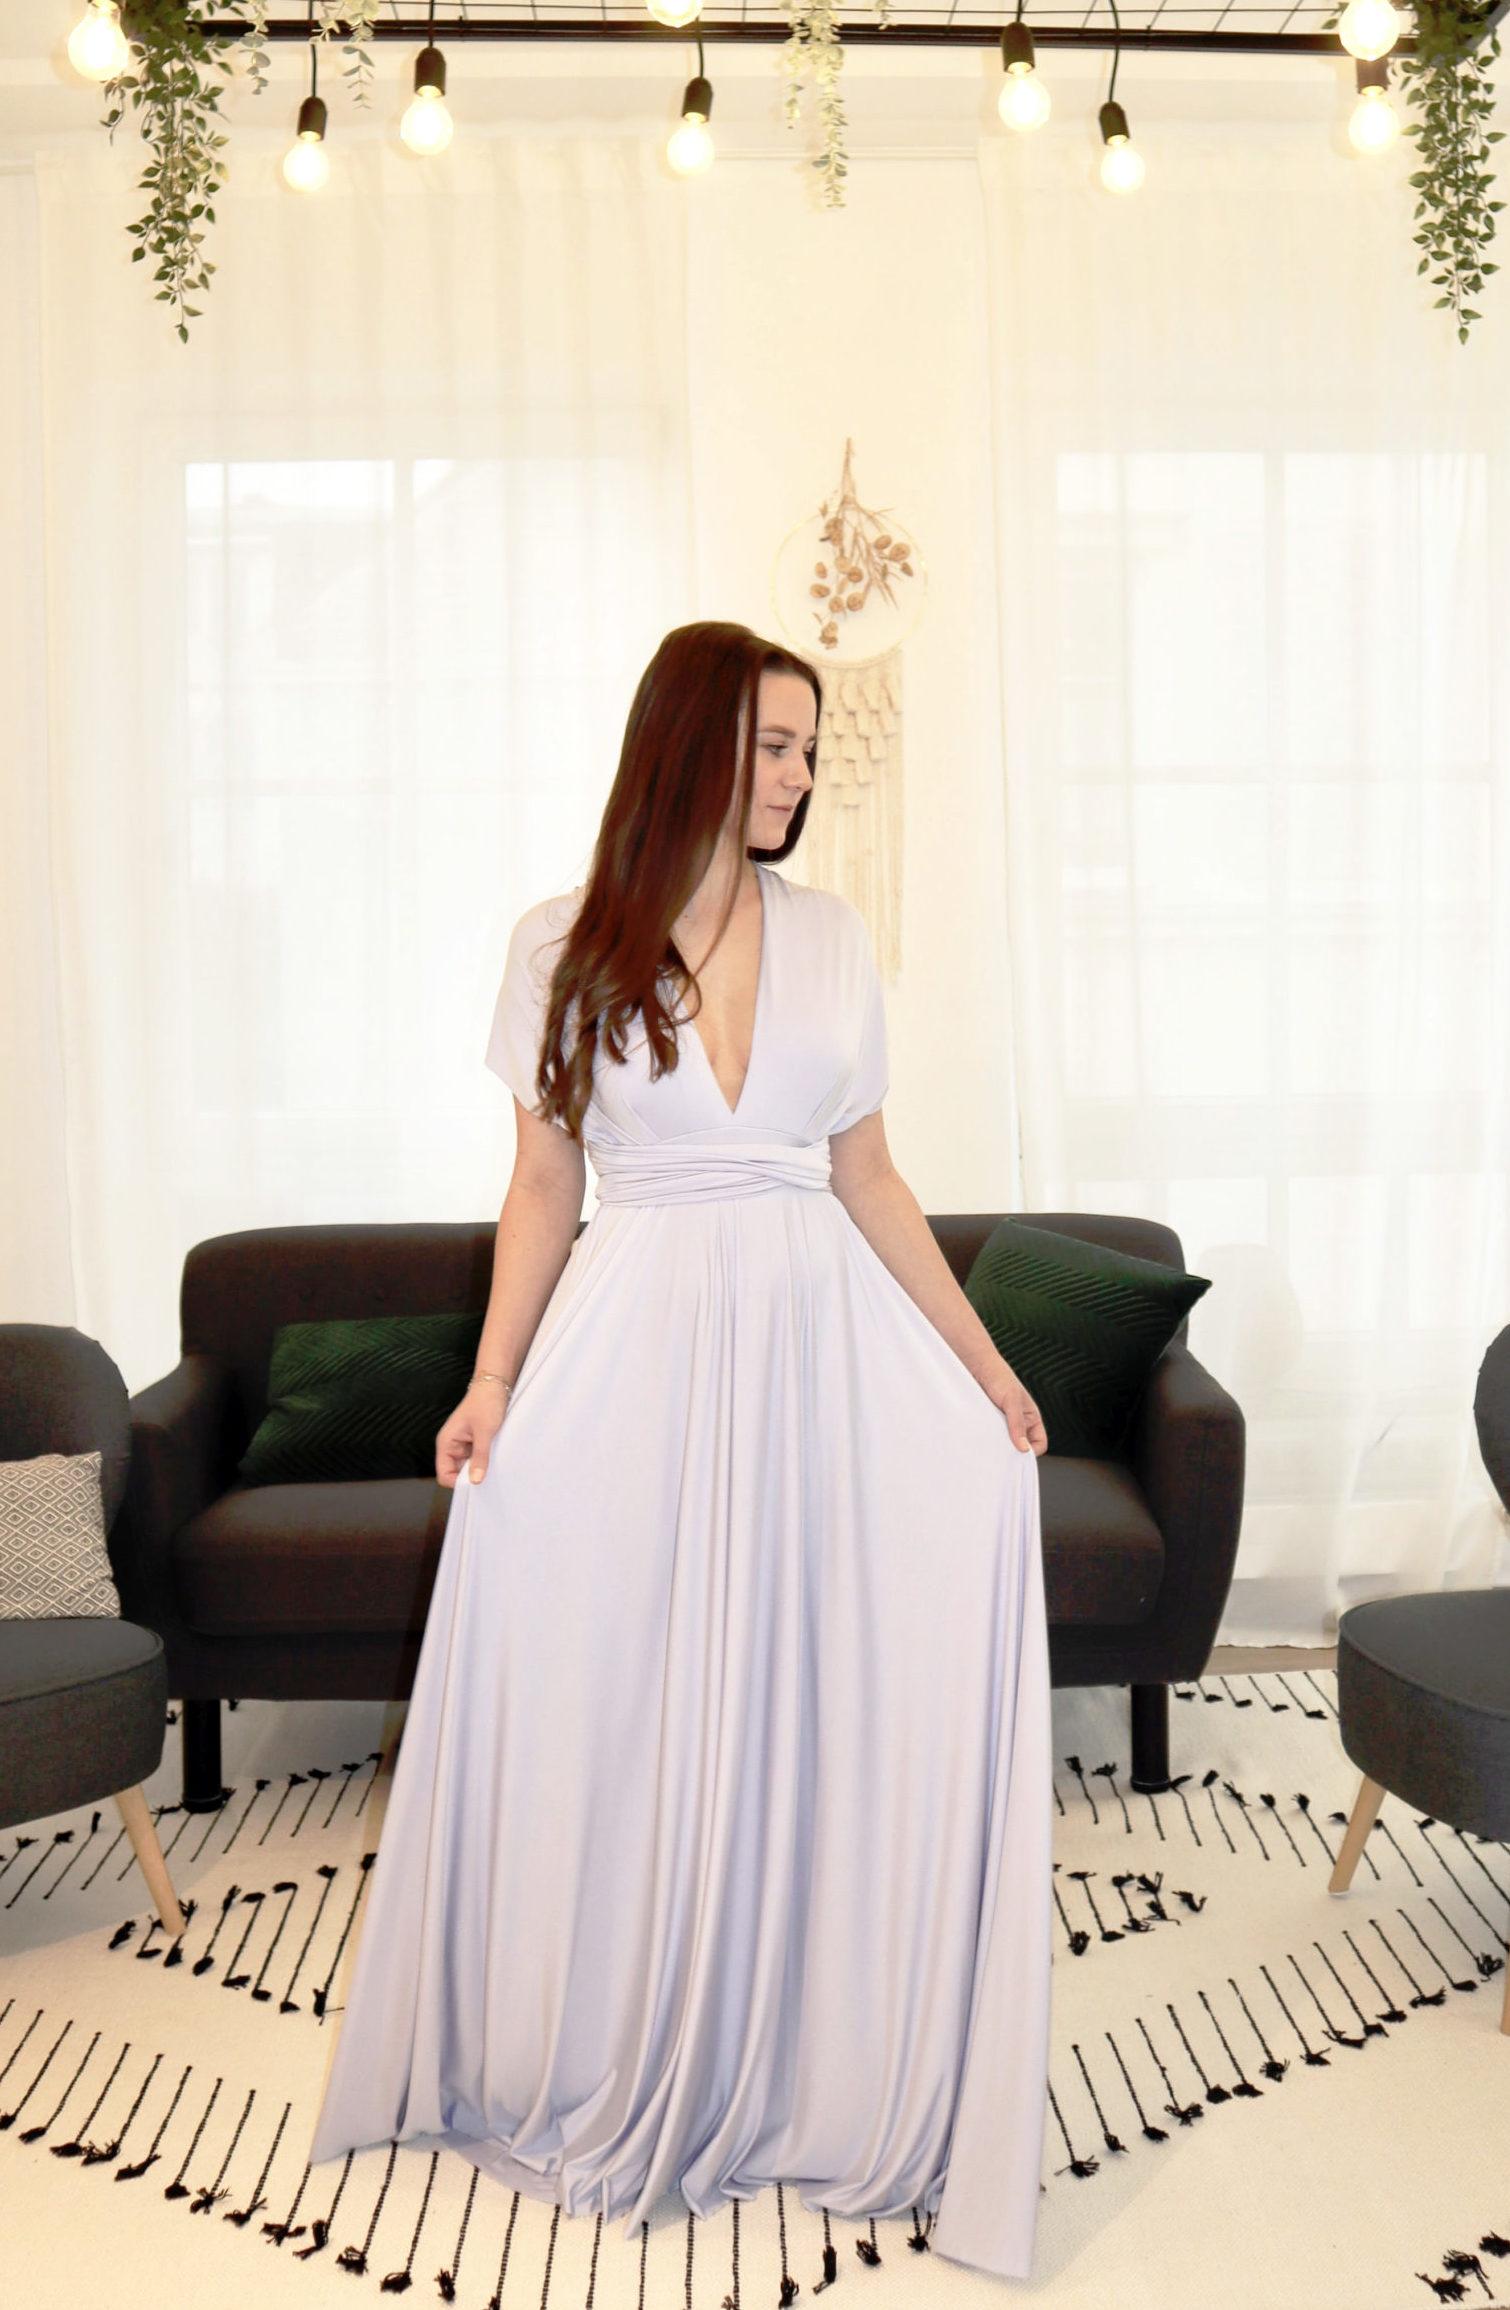 brautatelier ried-brautjungfernkleider-bridesmaids-we are flower girls-sky blue-vorne-2